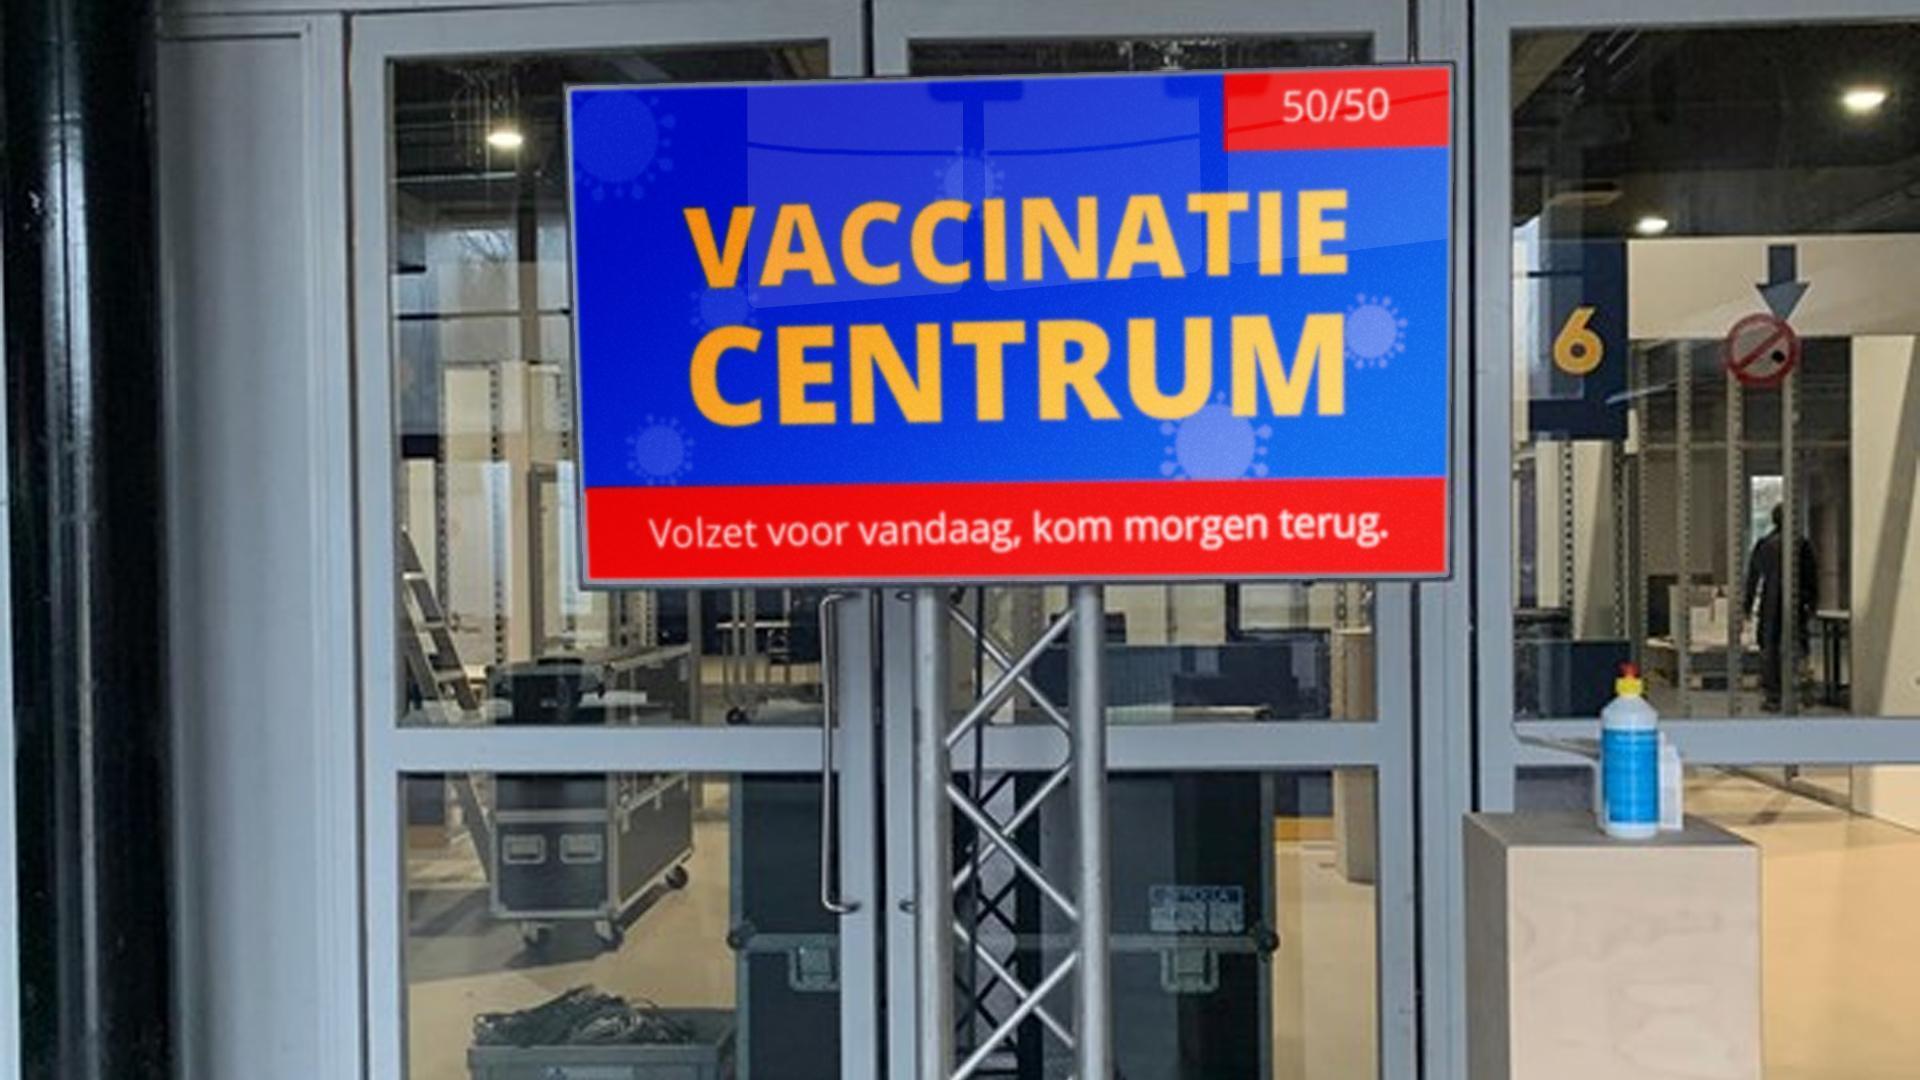 Max 50 bezoekers in het vaccinatiecentrum